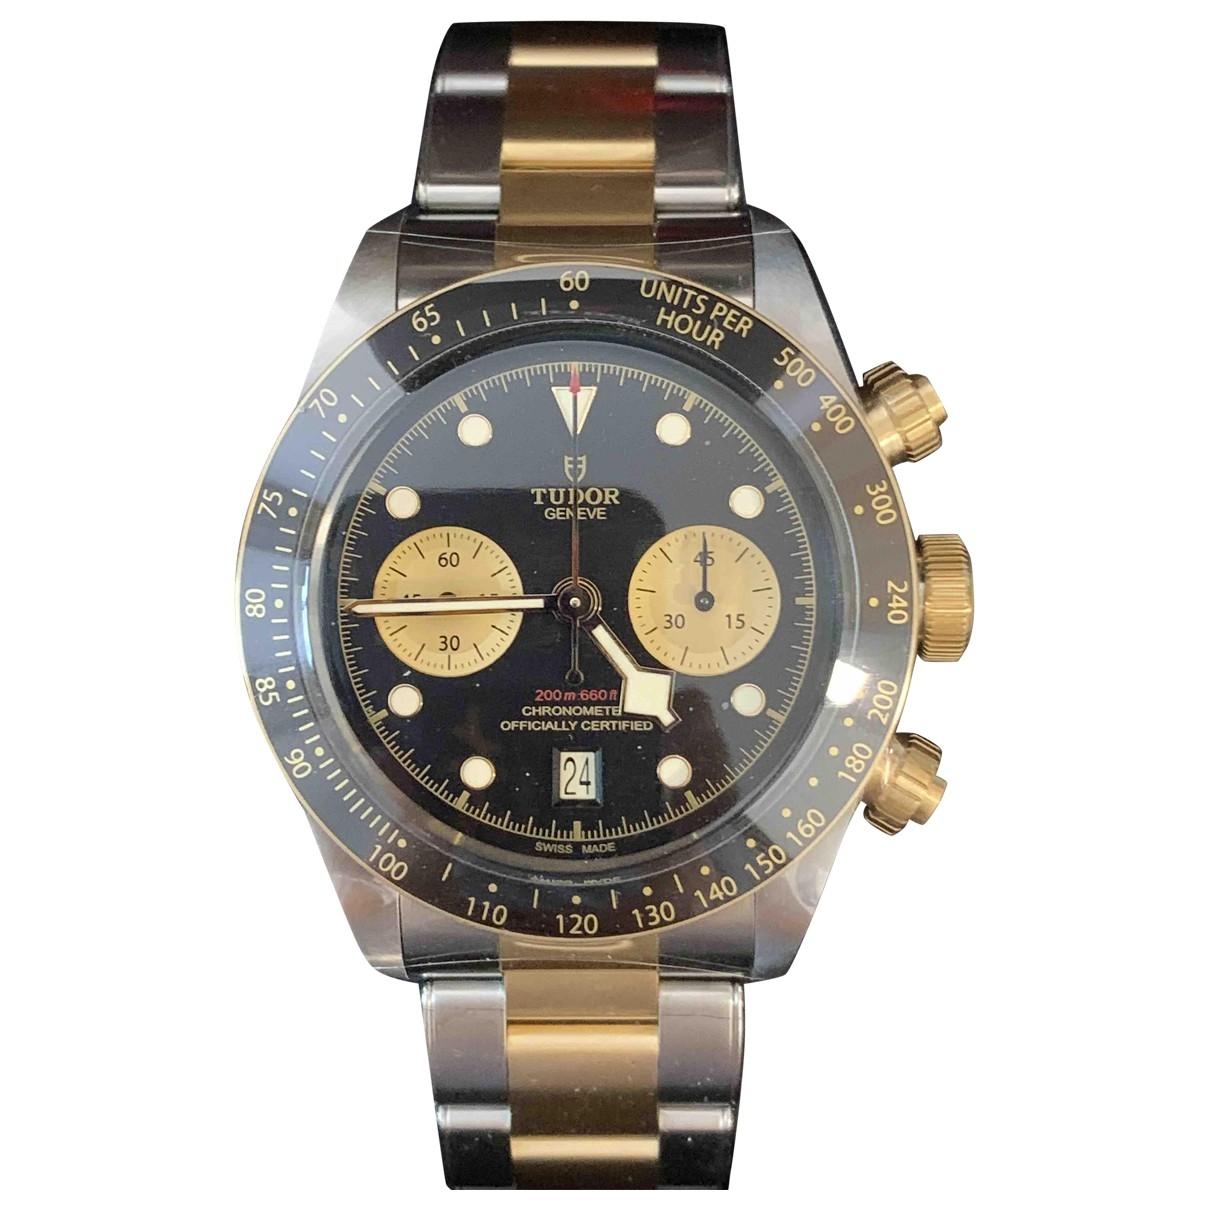 Tudor \N Uhr in  Schwarz Gold und Stahl